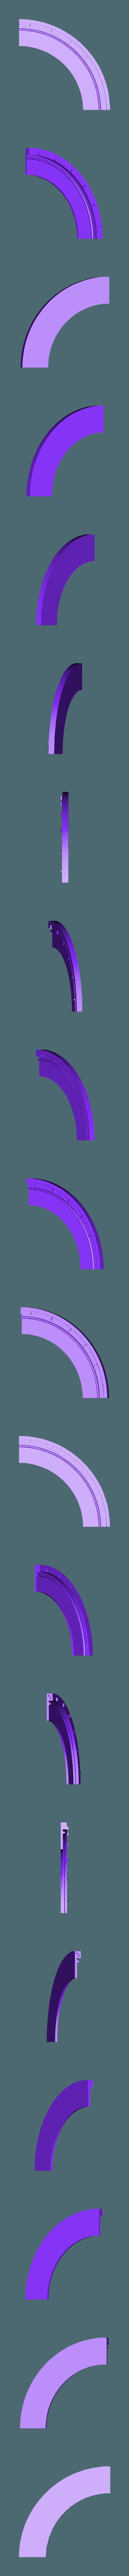 _in_progress_table_CROWN_2.stl Télécharger fichier STL gratuit Dépôt de train à l'échelle 1:87 HO avec table tournante • Plan pour imprimante 3D, nenchev